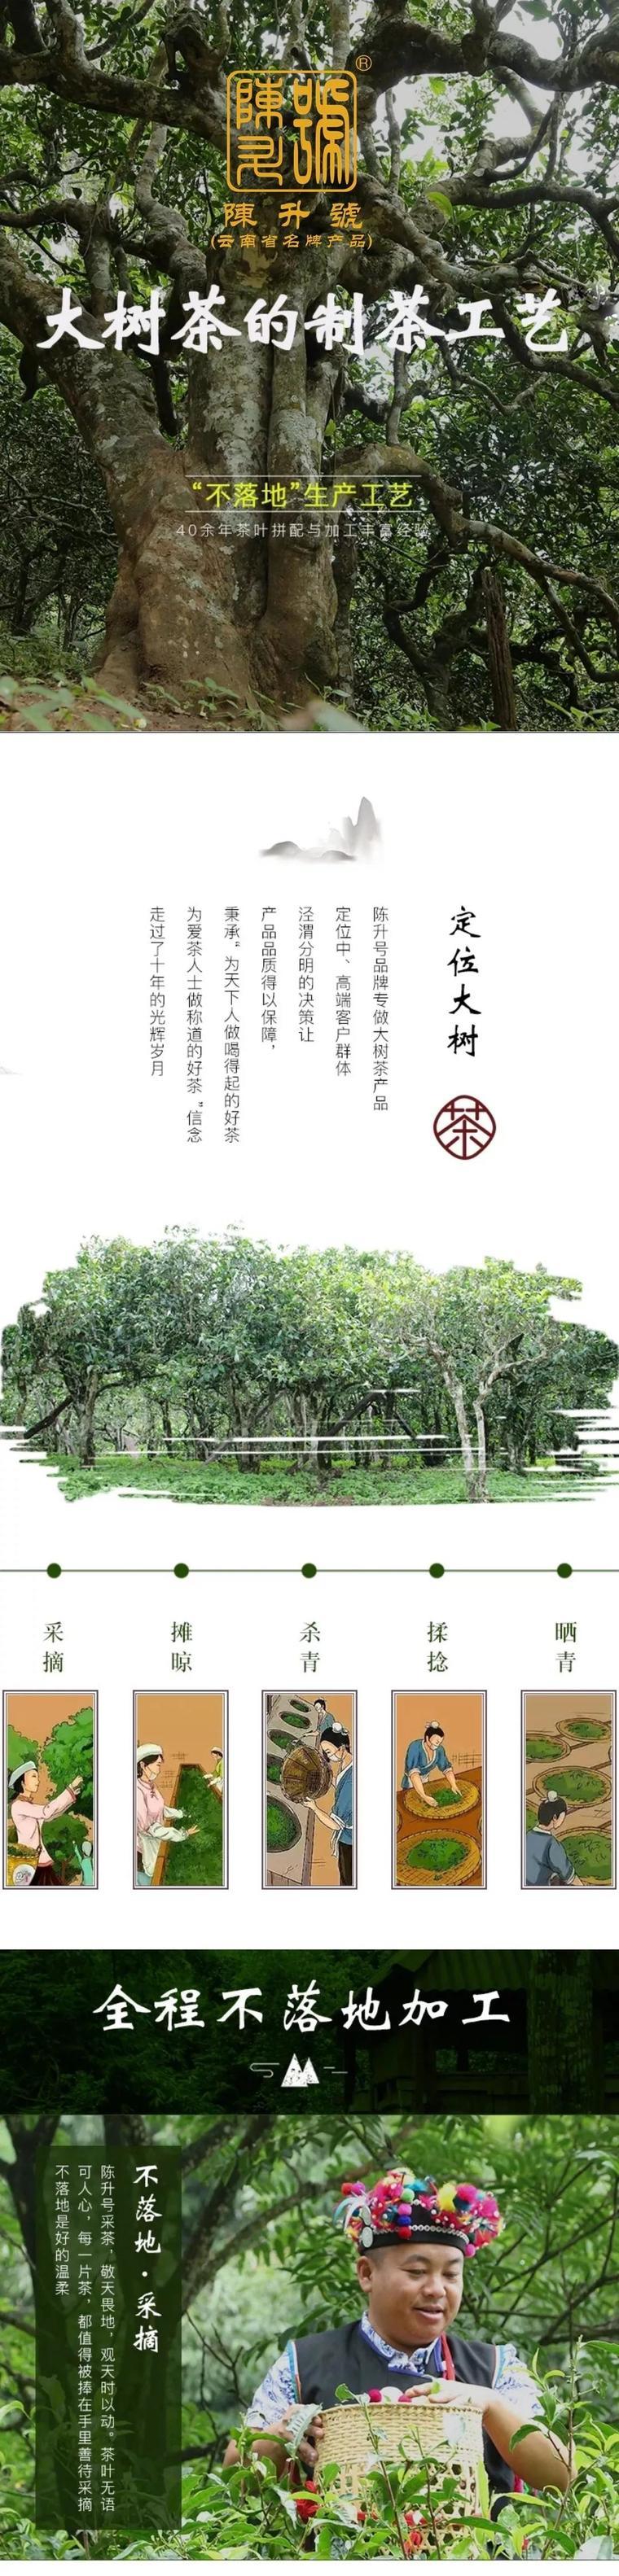 陈升学堂|『从茶树到茶杯』陈升号大树茶的制作过程